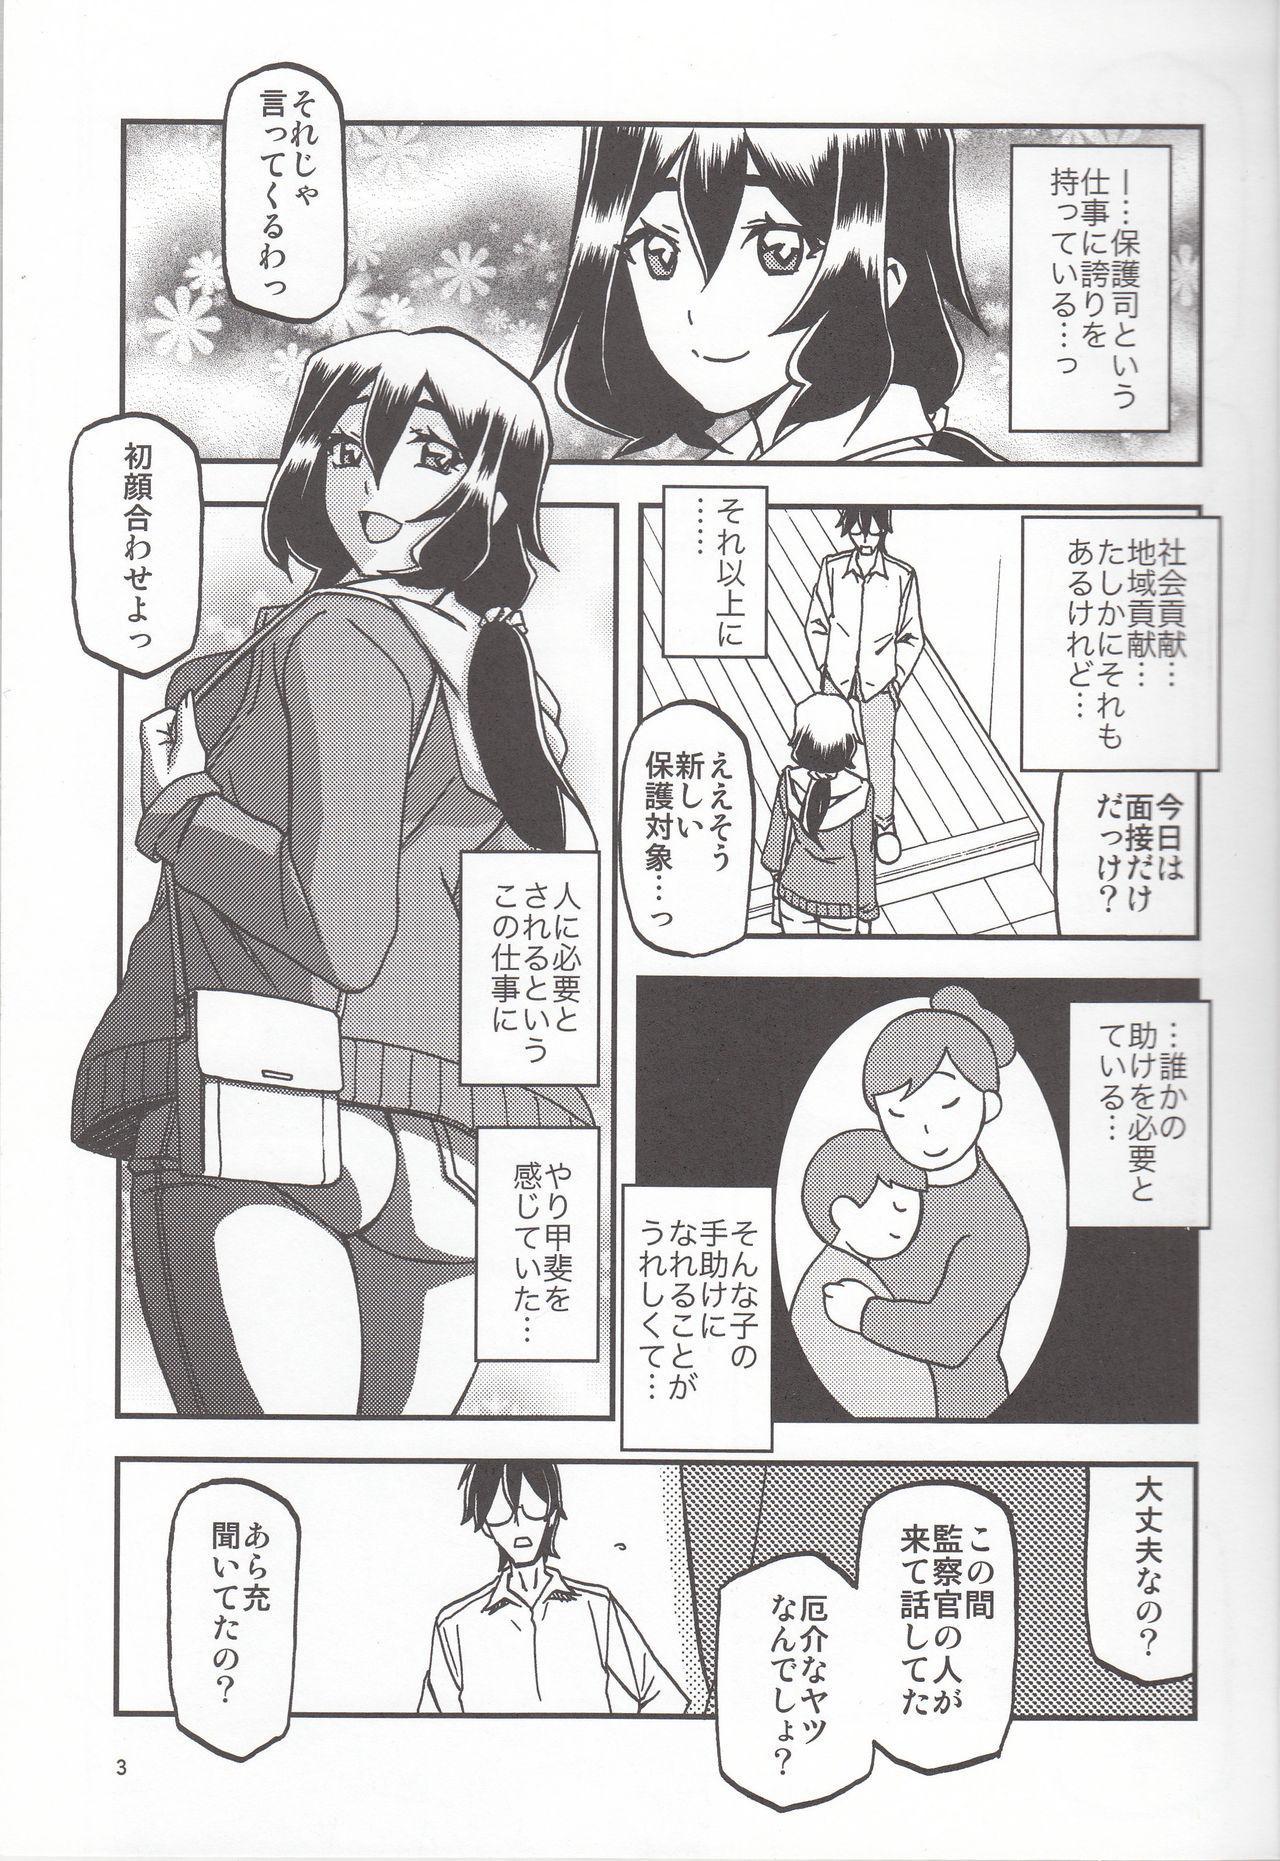 Akebi no Mi - Chizuru katei 1